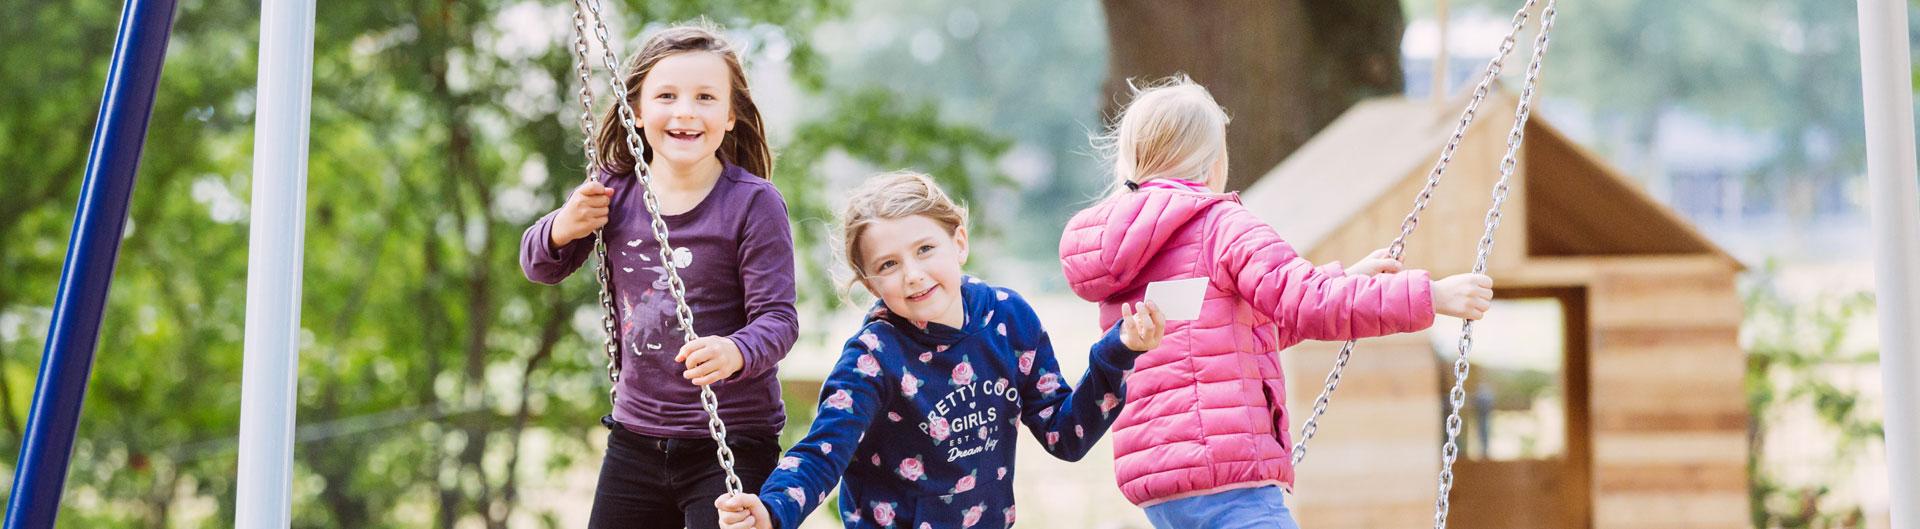 Das Bild zeigt 3 Mädchen, die in einer Nestschaukel spielen.